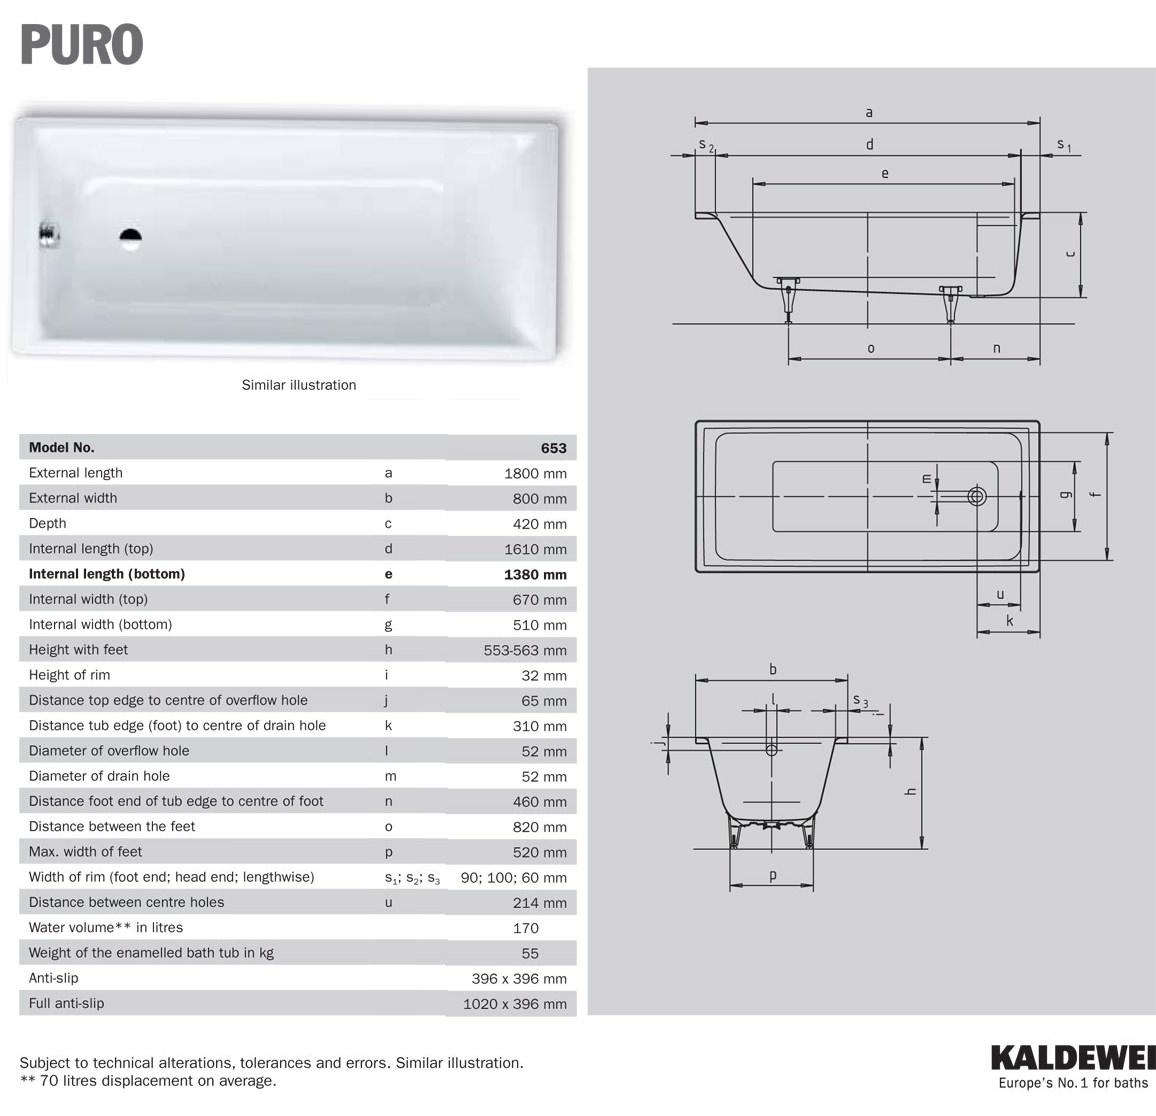 Kaldewei Puro 20 Single Ended 20 x 20mm Steel Bath